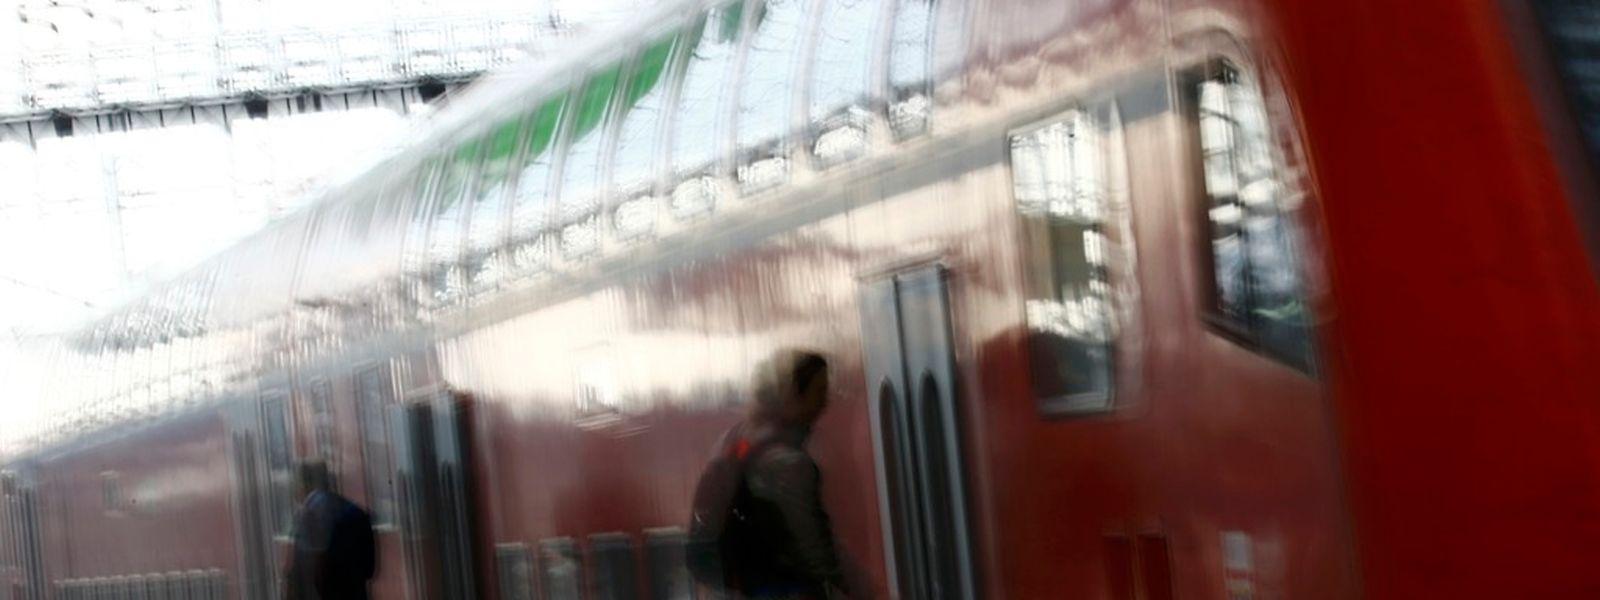 In Deutschland fielen am Donnerstagvormittag zwei Drittel der Fernzüge aus.